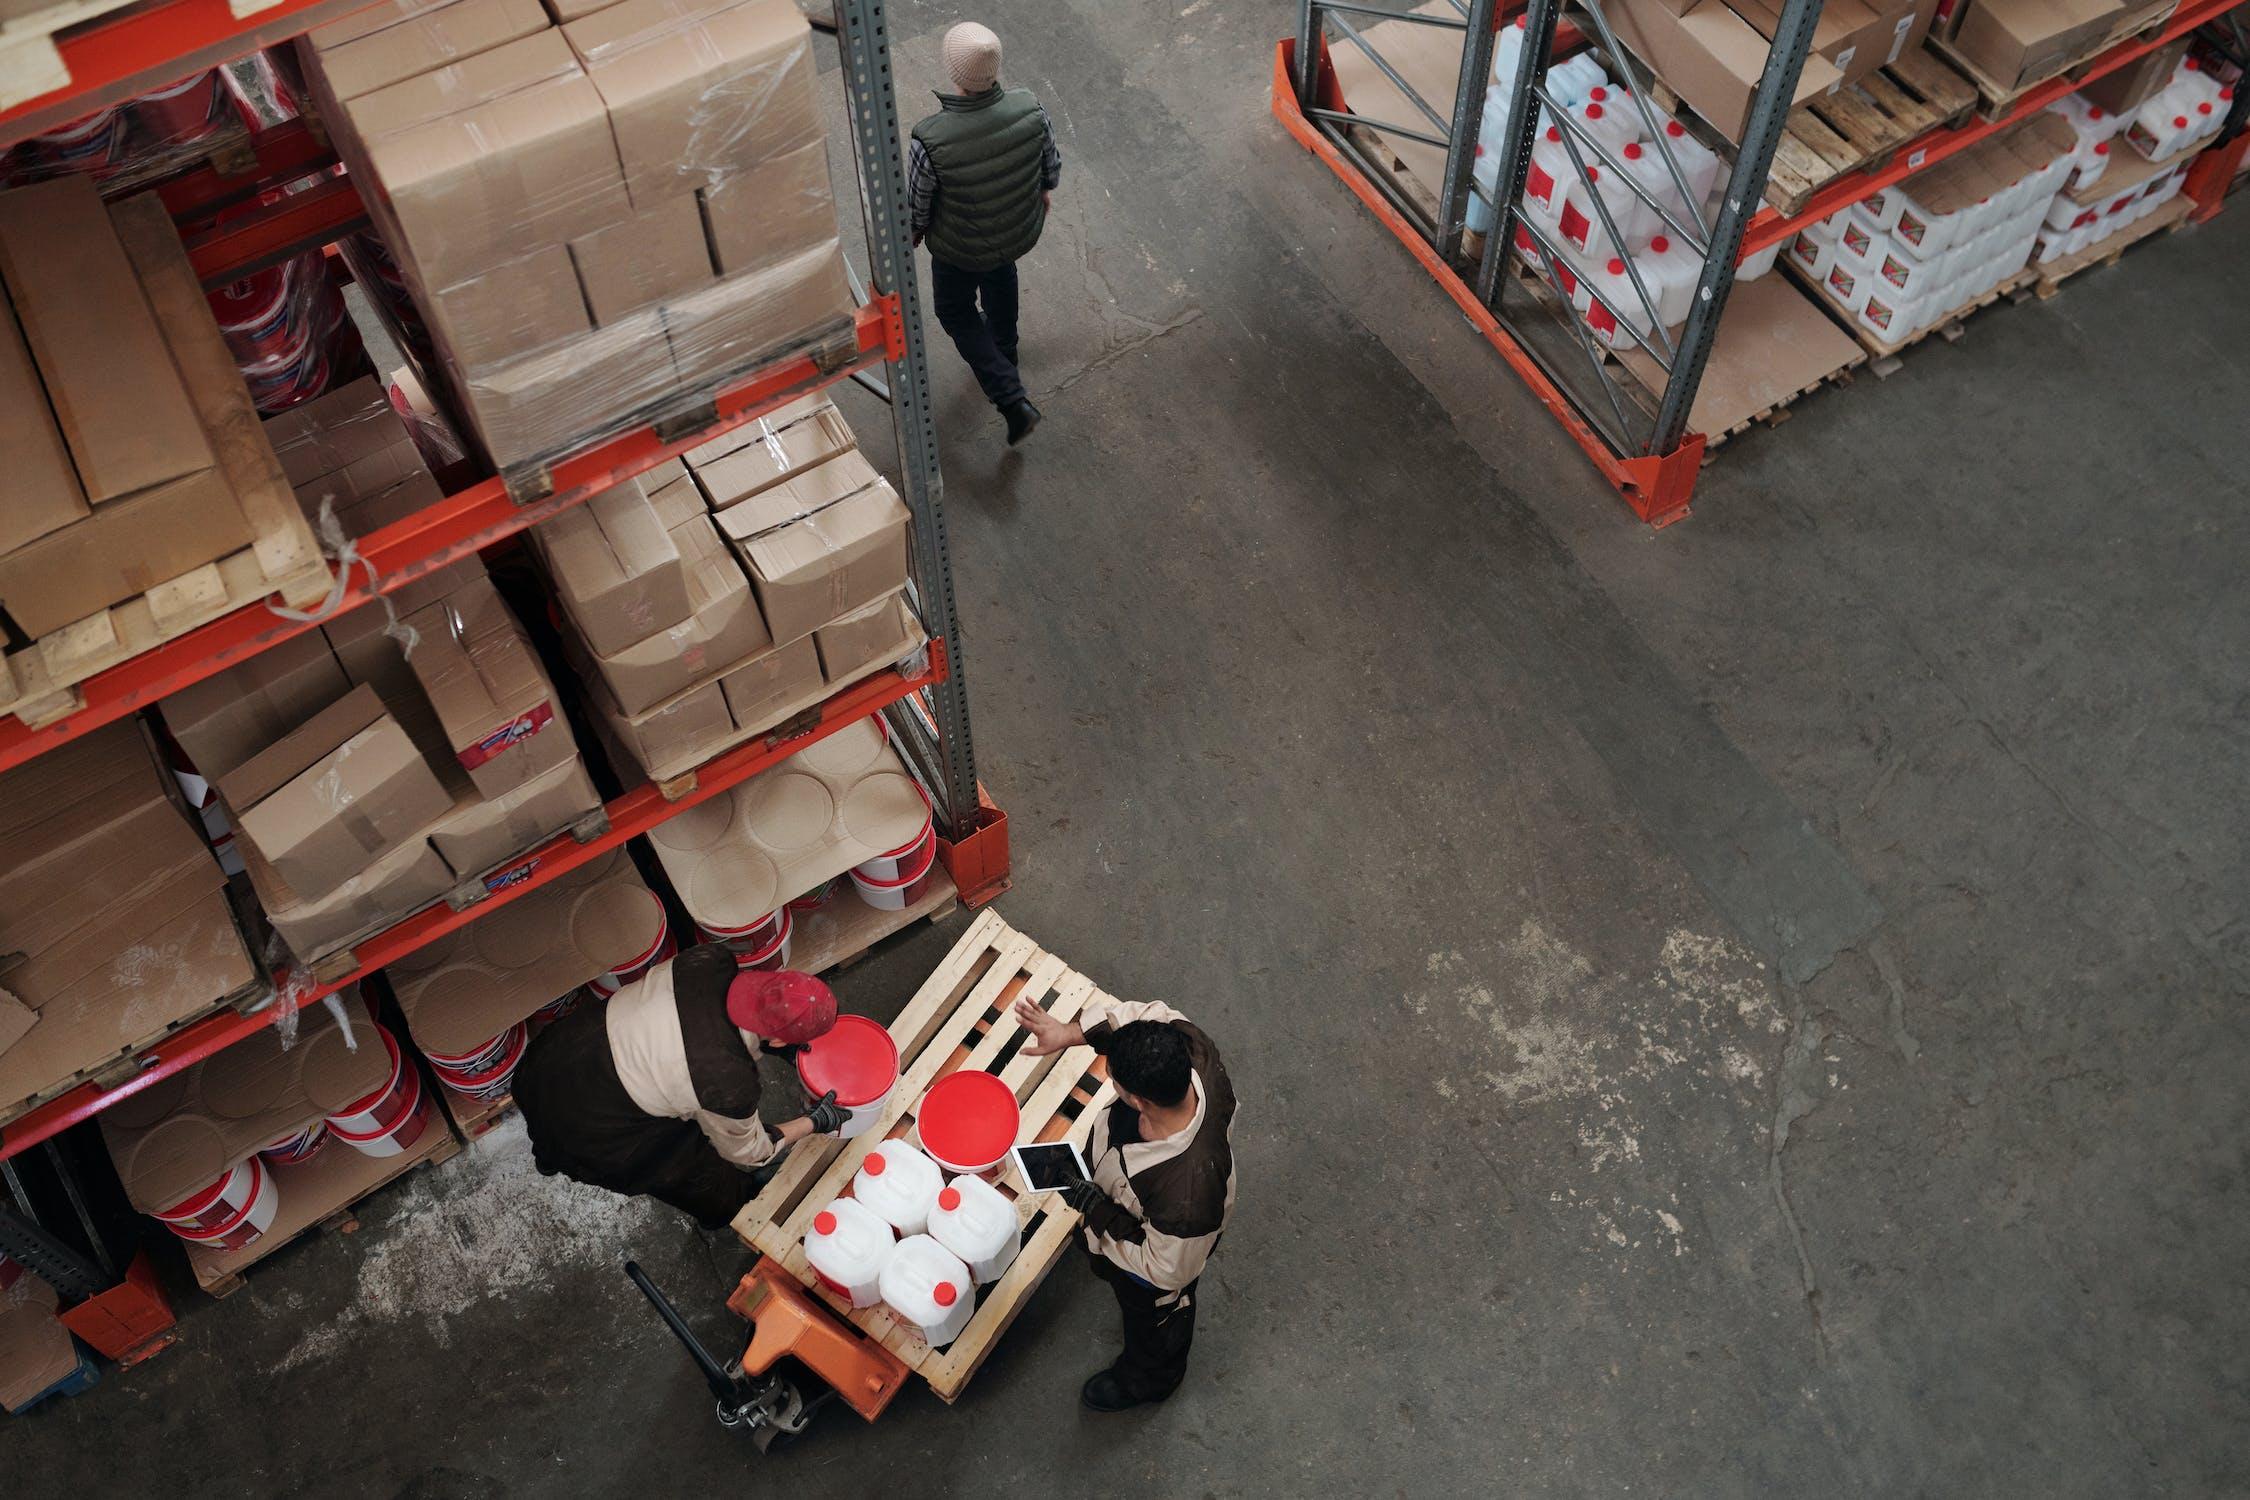 Zwei Personen, die Waren aus dem Regal im Lager nehmen